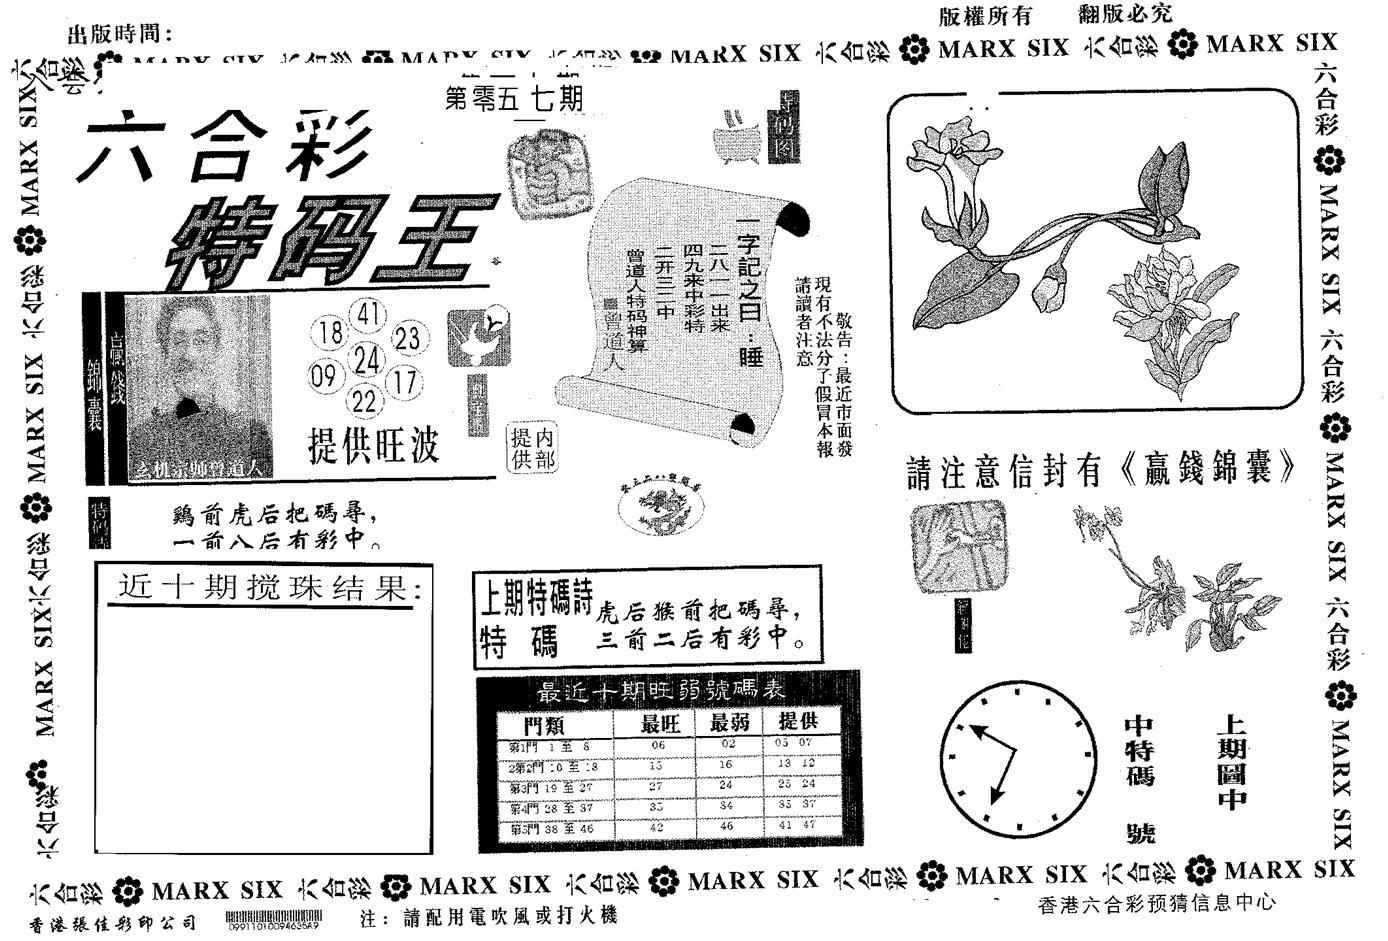 057期特码王B(黑白)